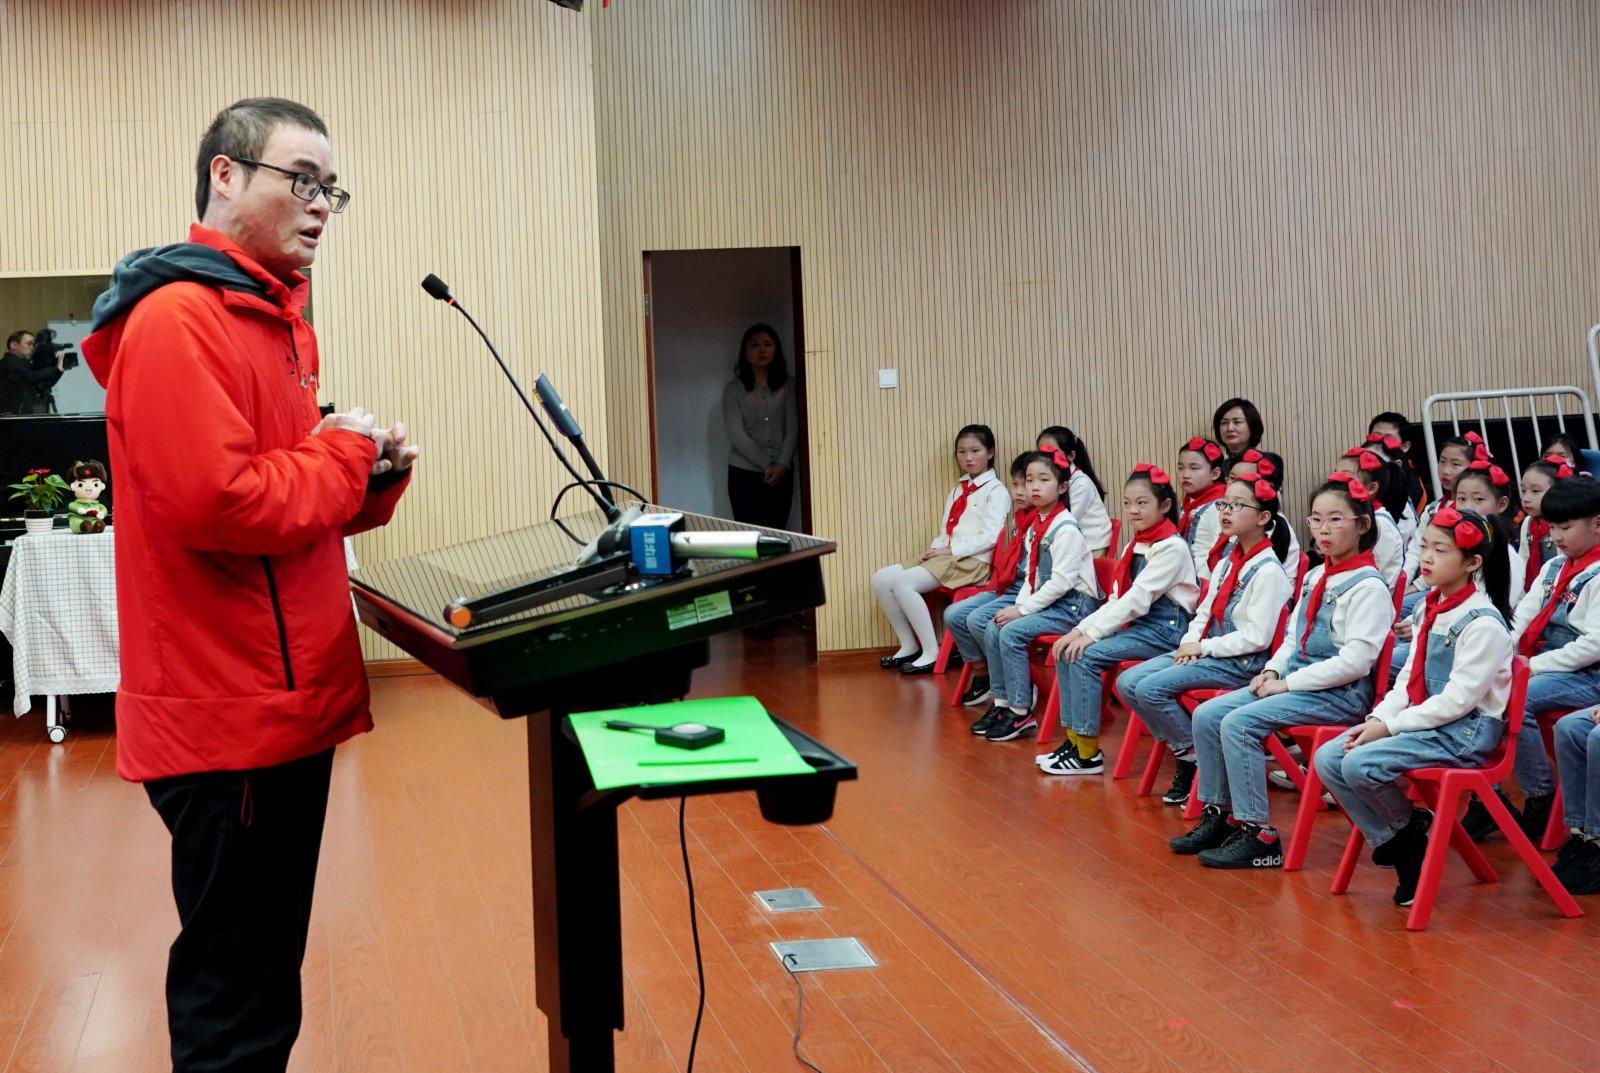 3月1日,王海濱在活動中與學生分享心得。(新華社)